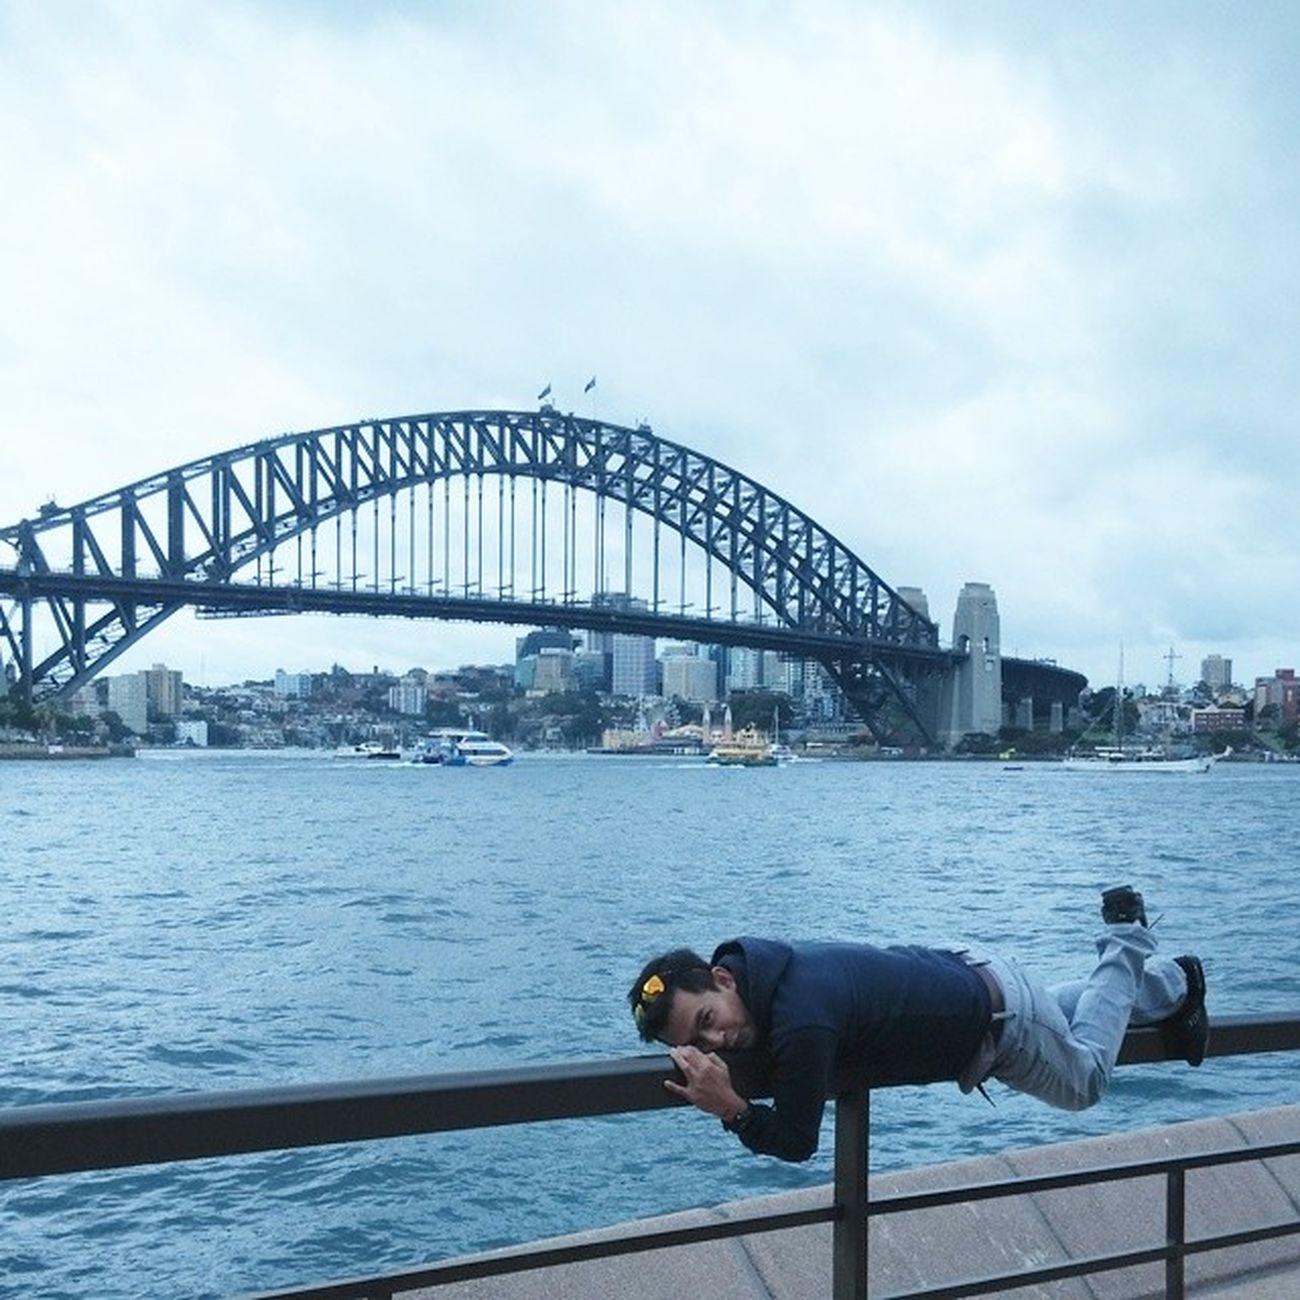 Jambatan Pulau Pinang 3. Victoriabridge Sydney